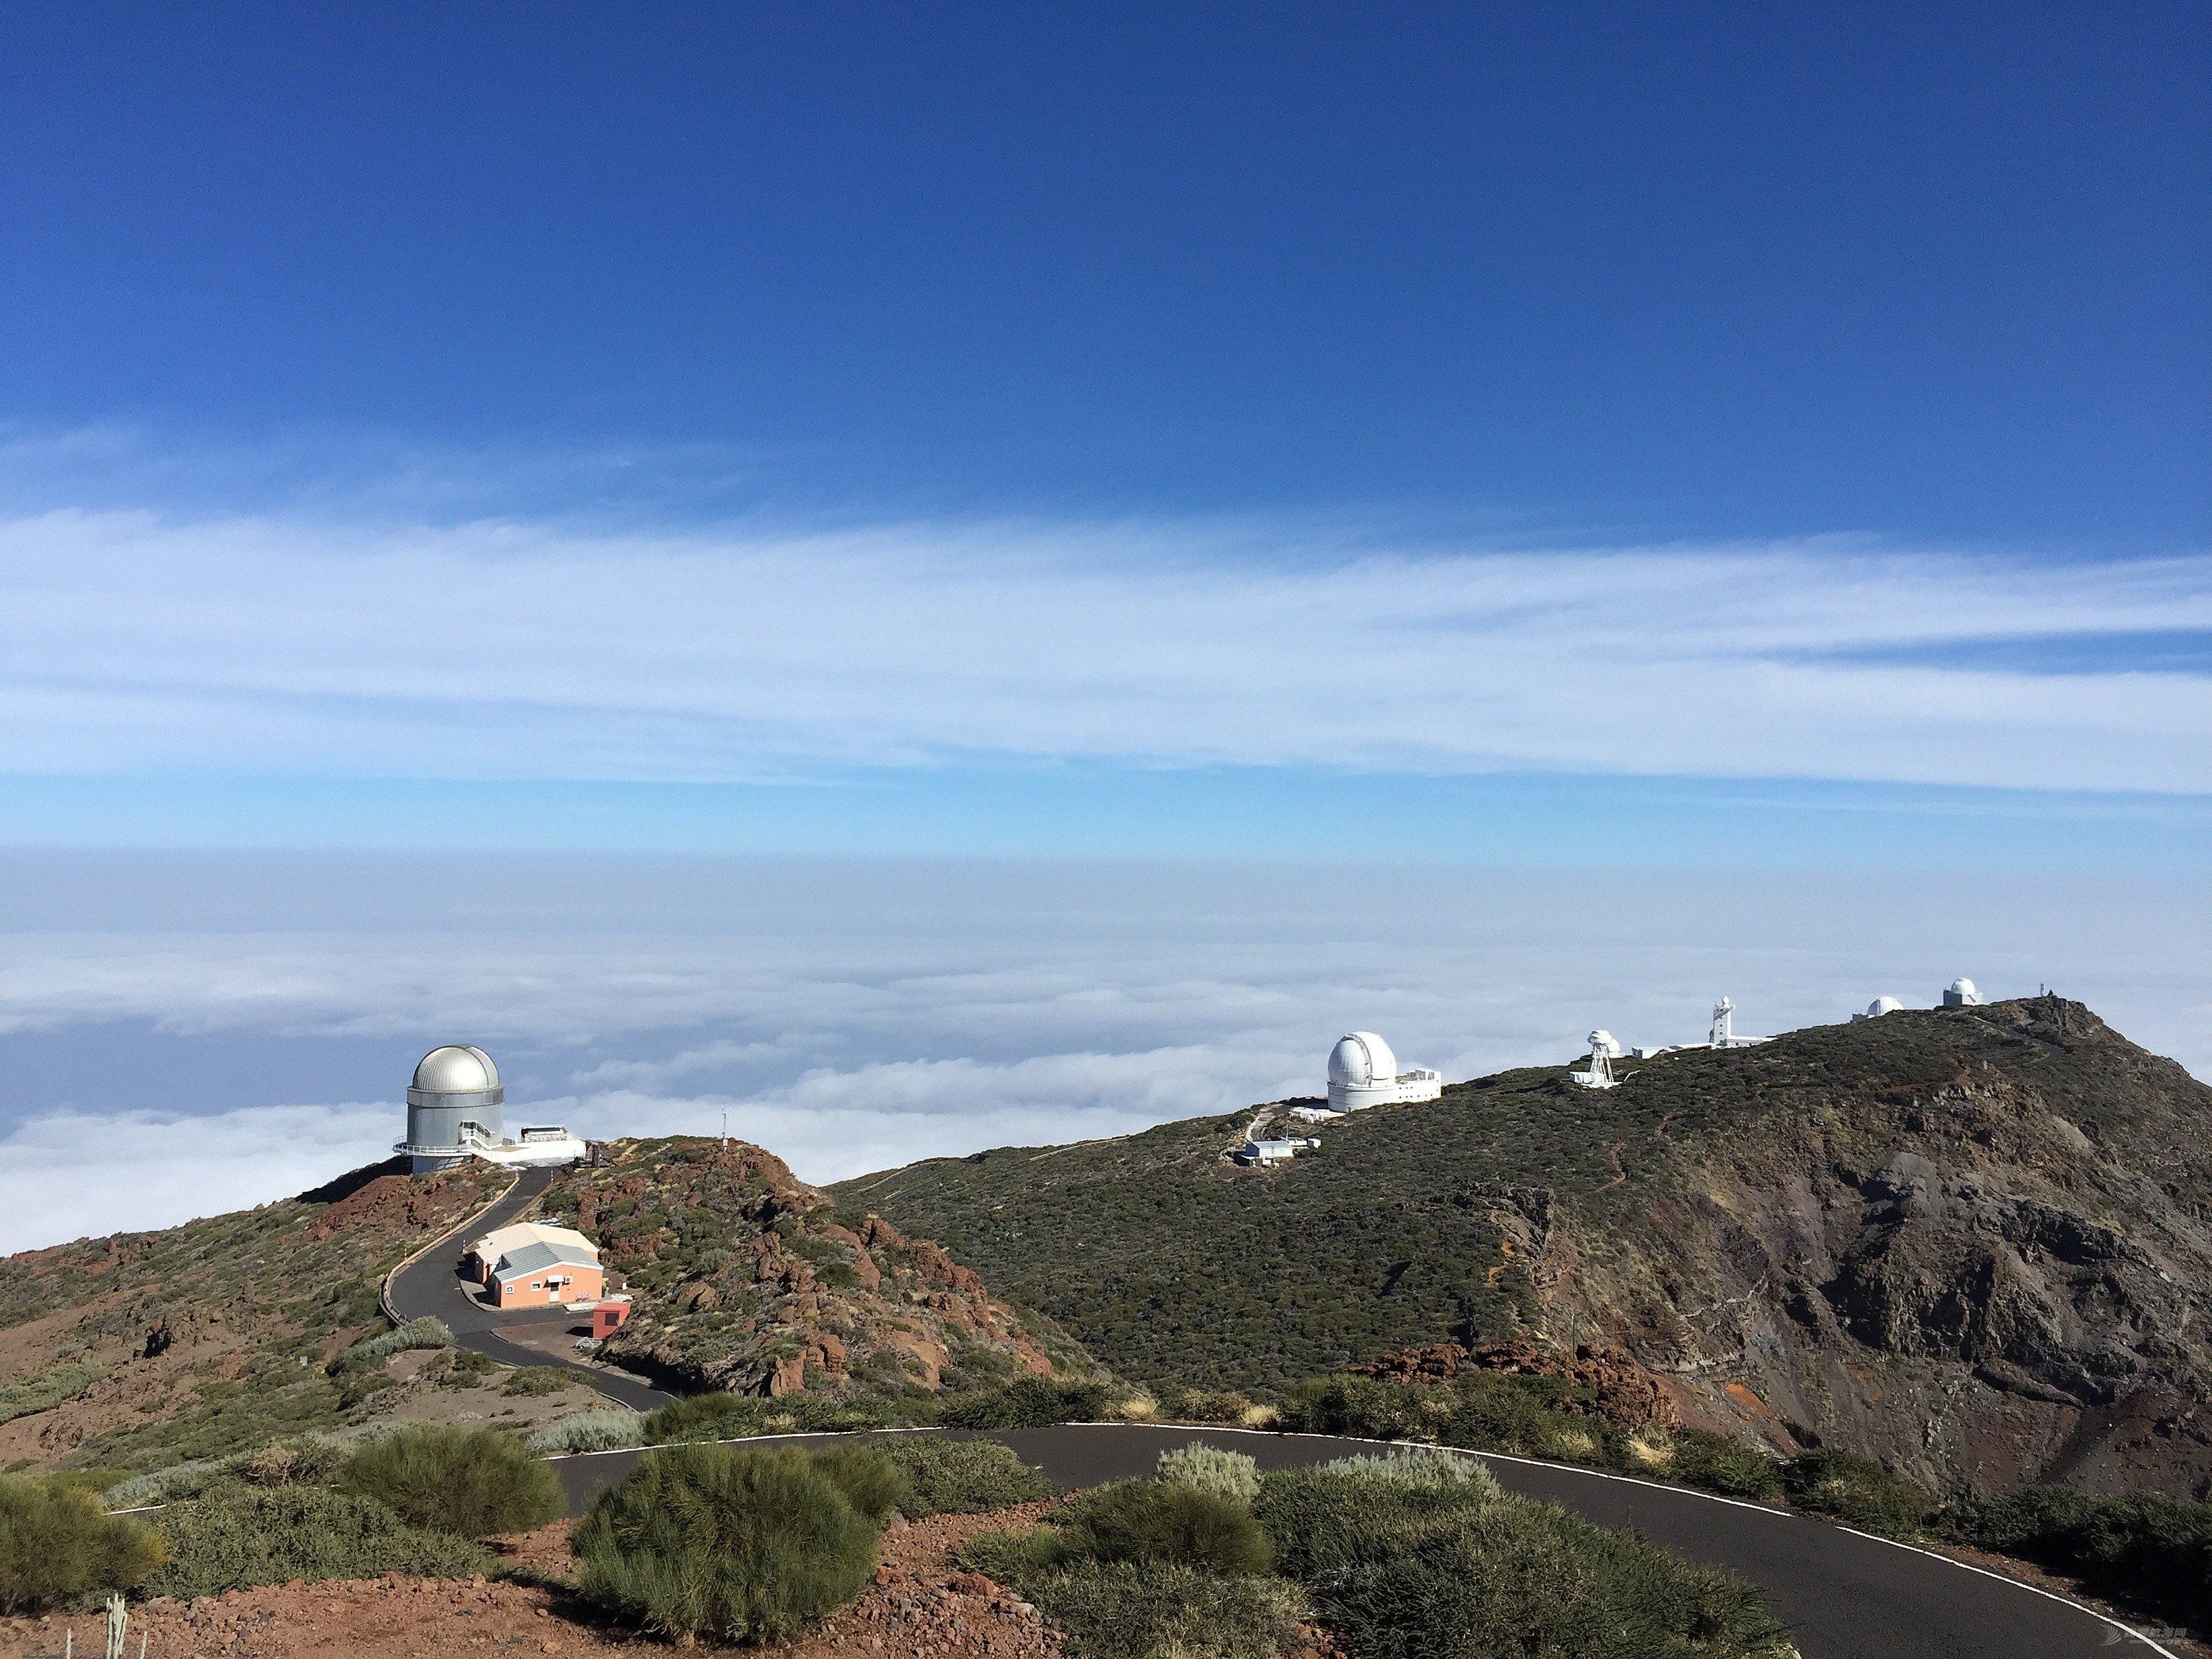 教科文组织,夏威夷,气候变化,联合国,二十四节气 星云星系星双对,天朗天黑天文台--《再济沧海》(89)